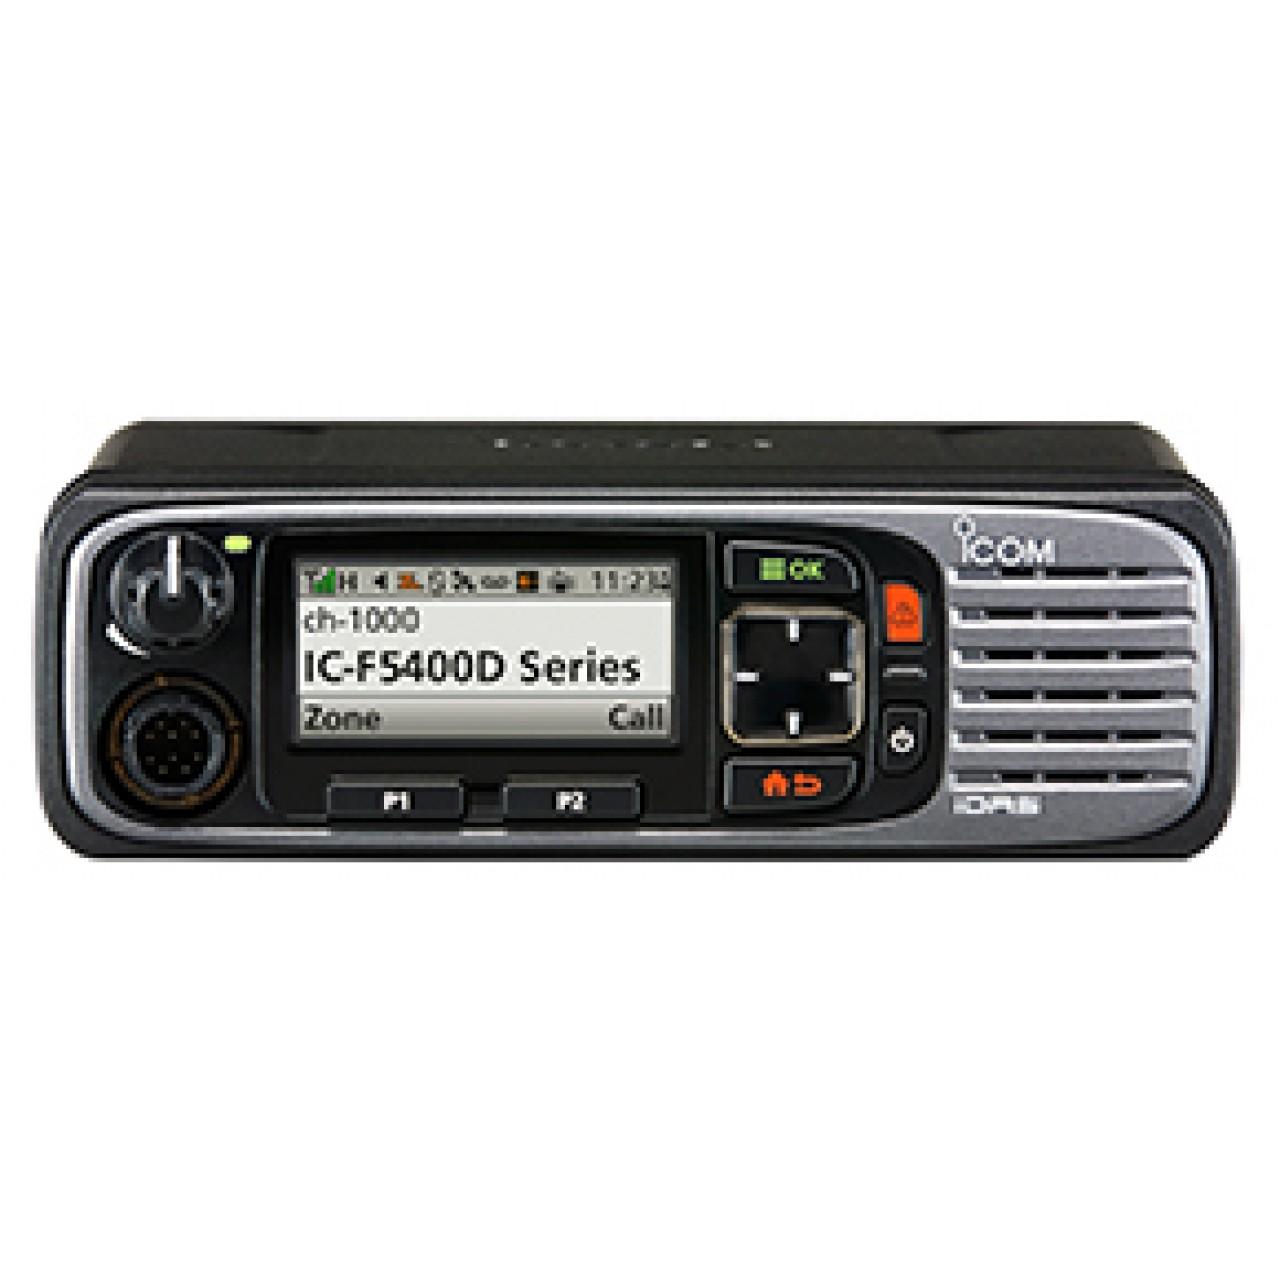 IC-F5400D Mobiles - ICOM